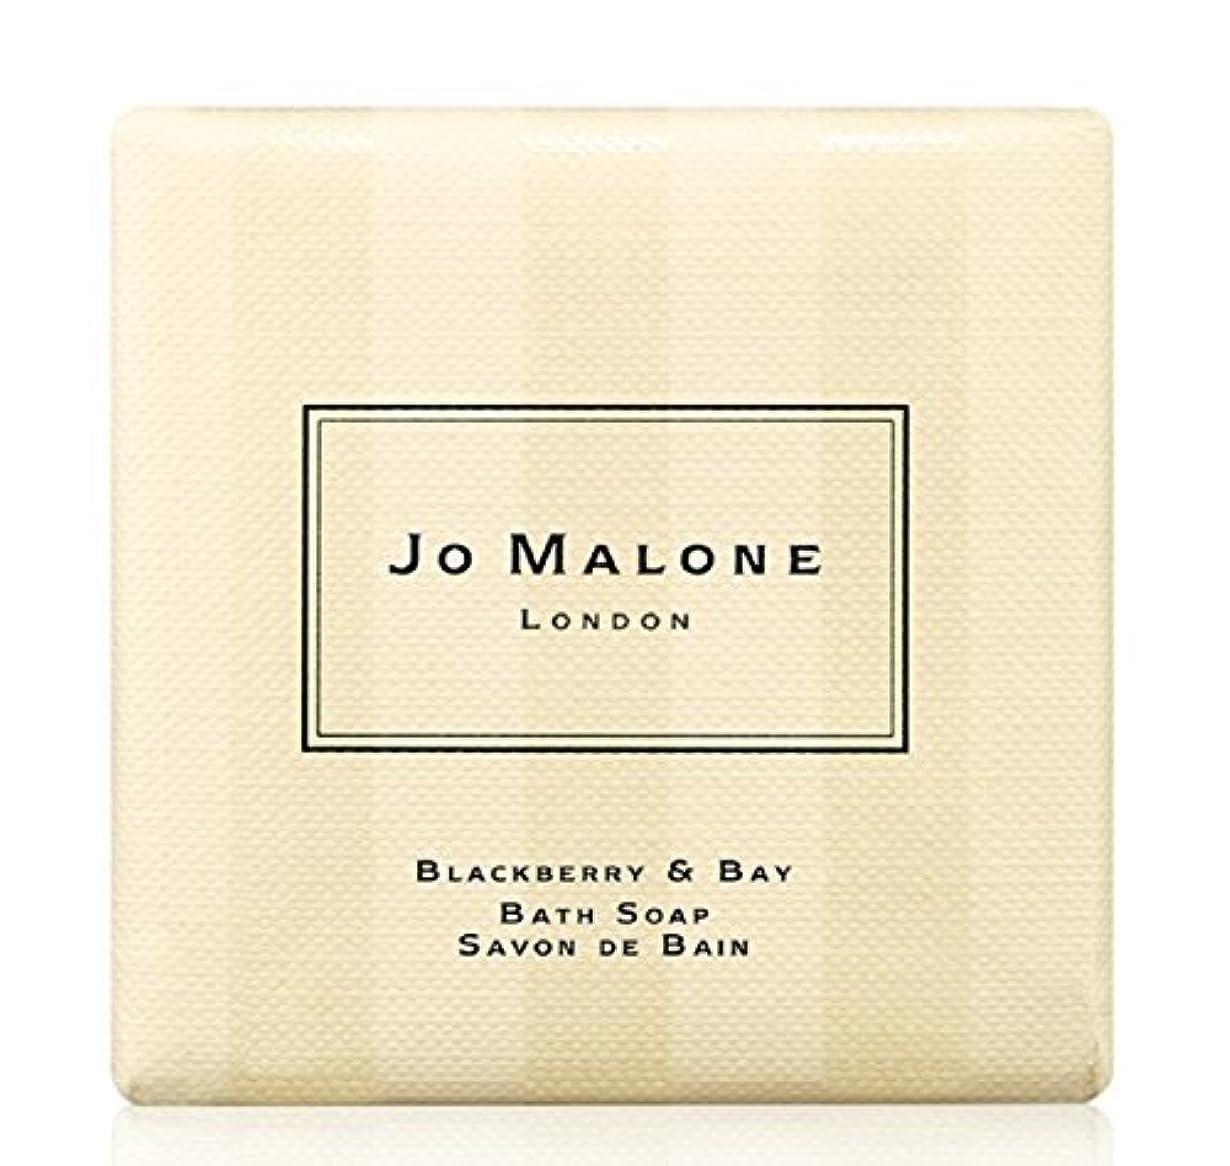 エキス考えキャリッジジョーマローン ブラックベリー&ベイ バス ソープ 石鹸 100 g